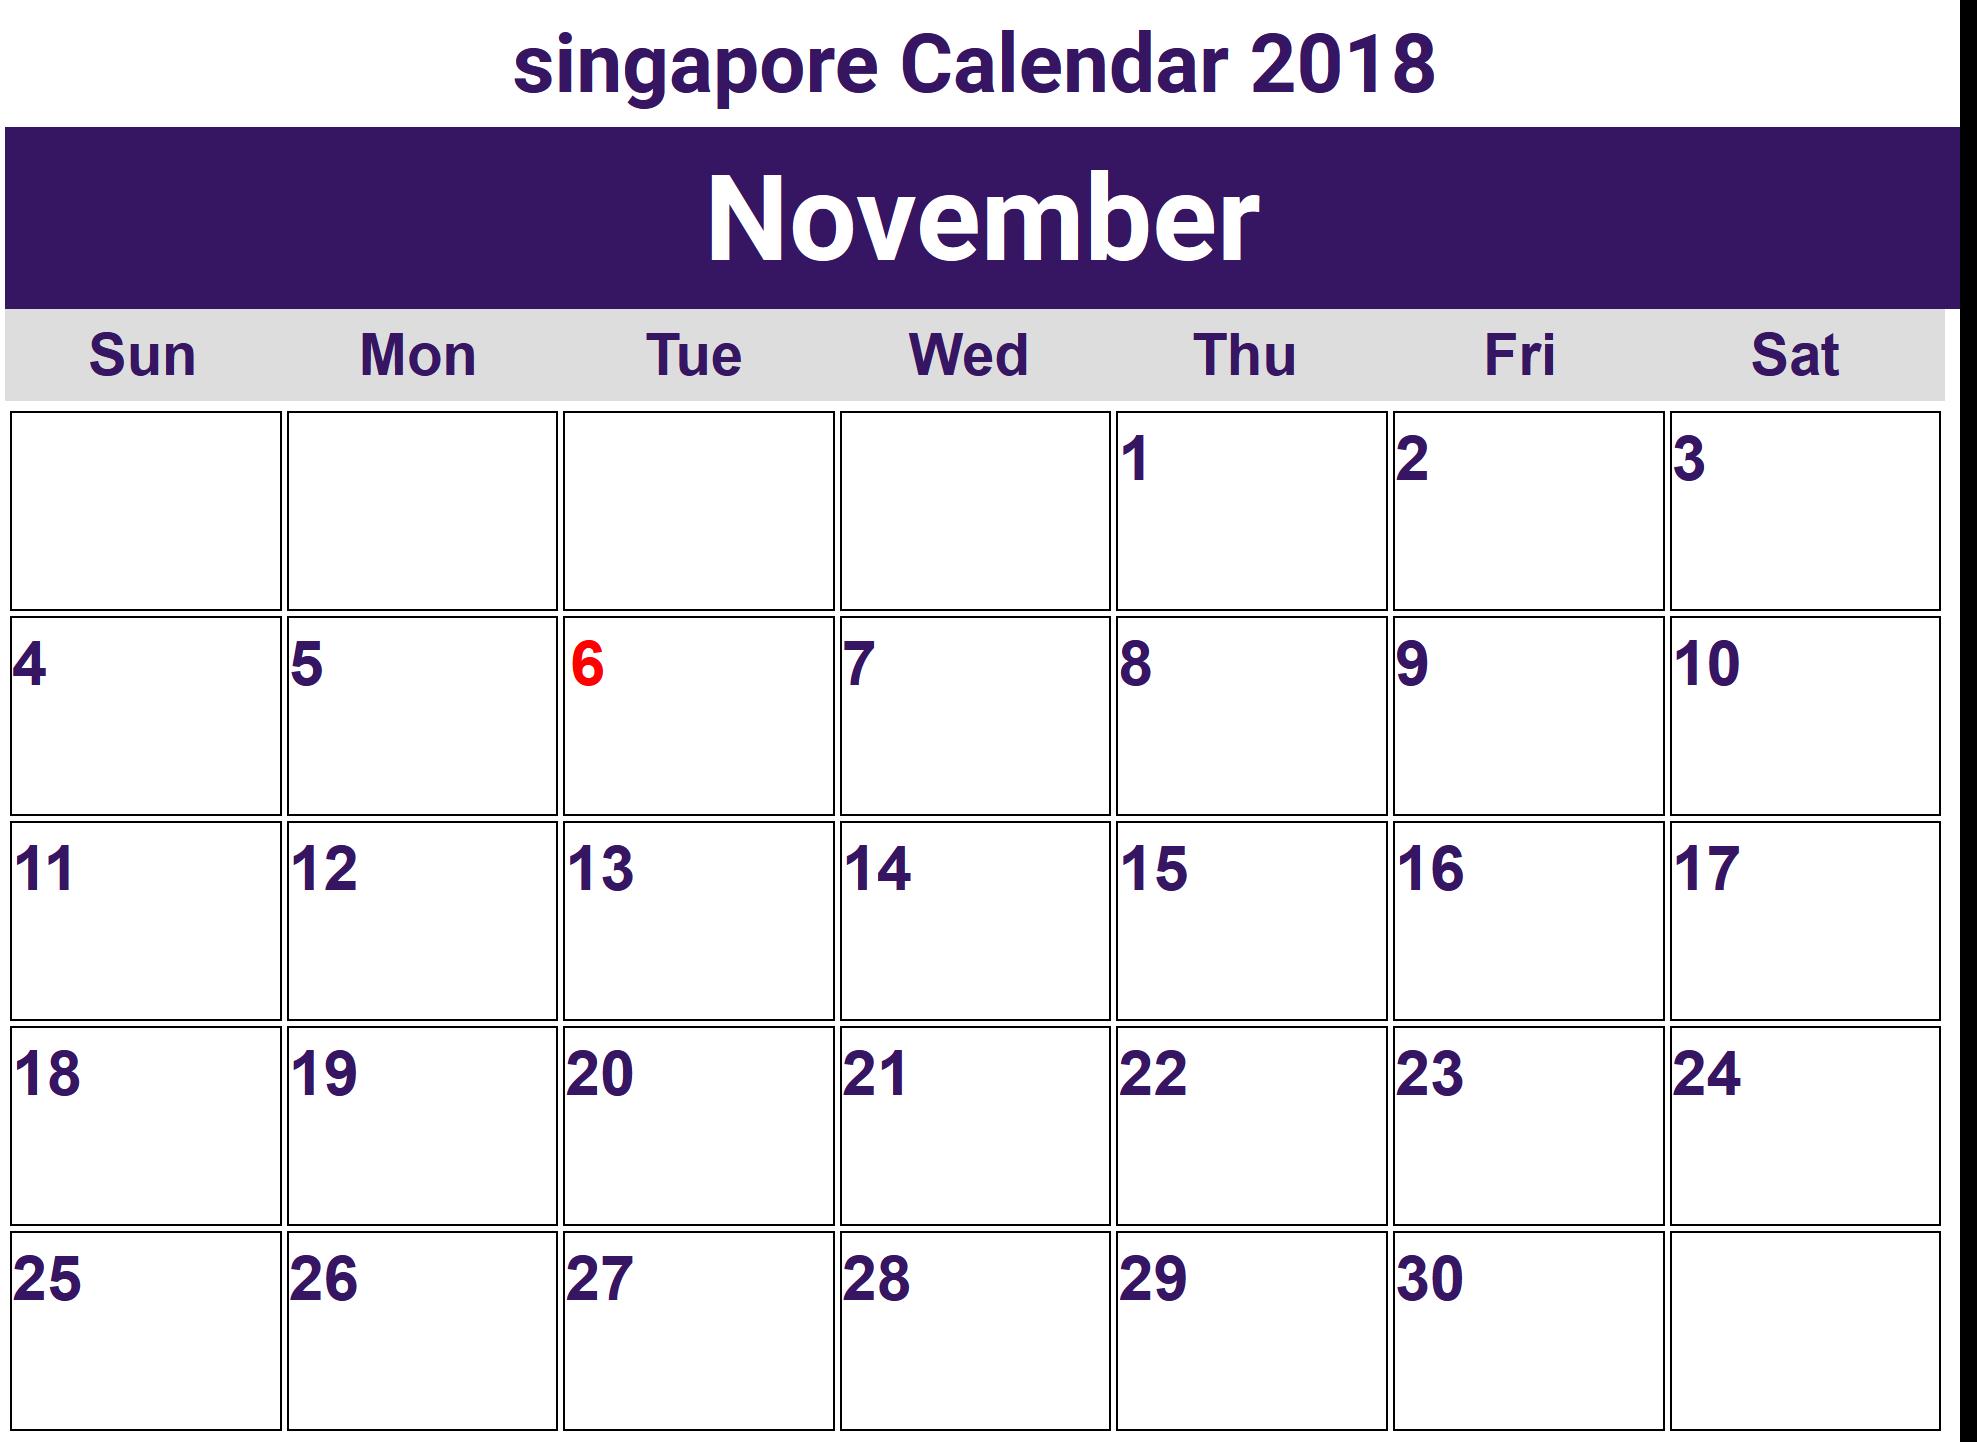 November 2018 Calendar Singapore Holidays